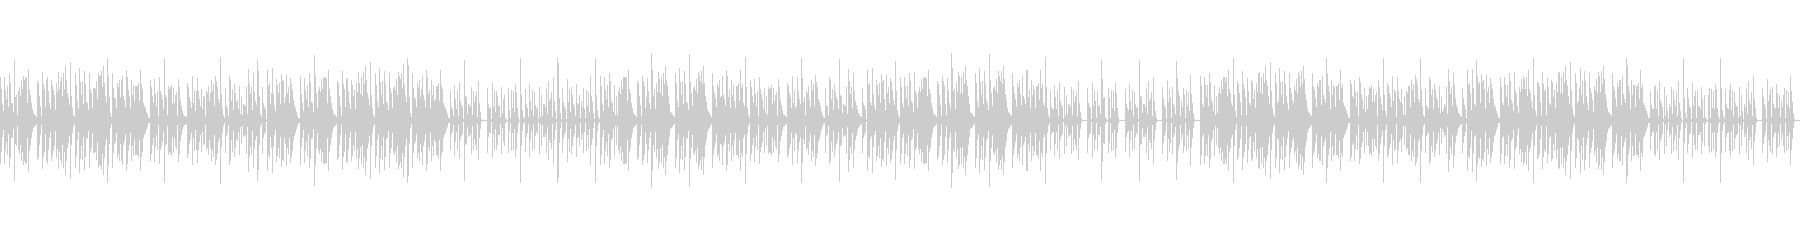 和風な琴のこども向け知育BGM_Aの未再生の波形